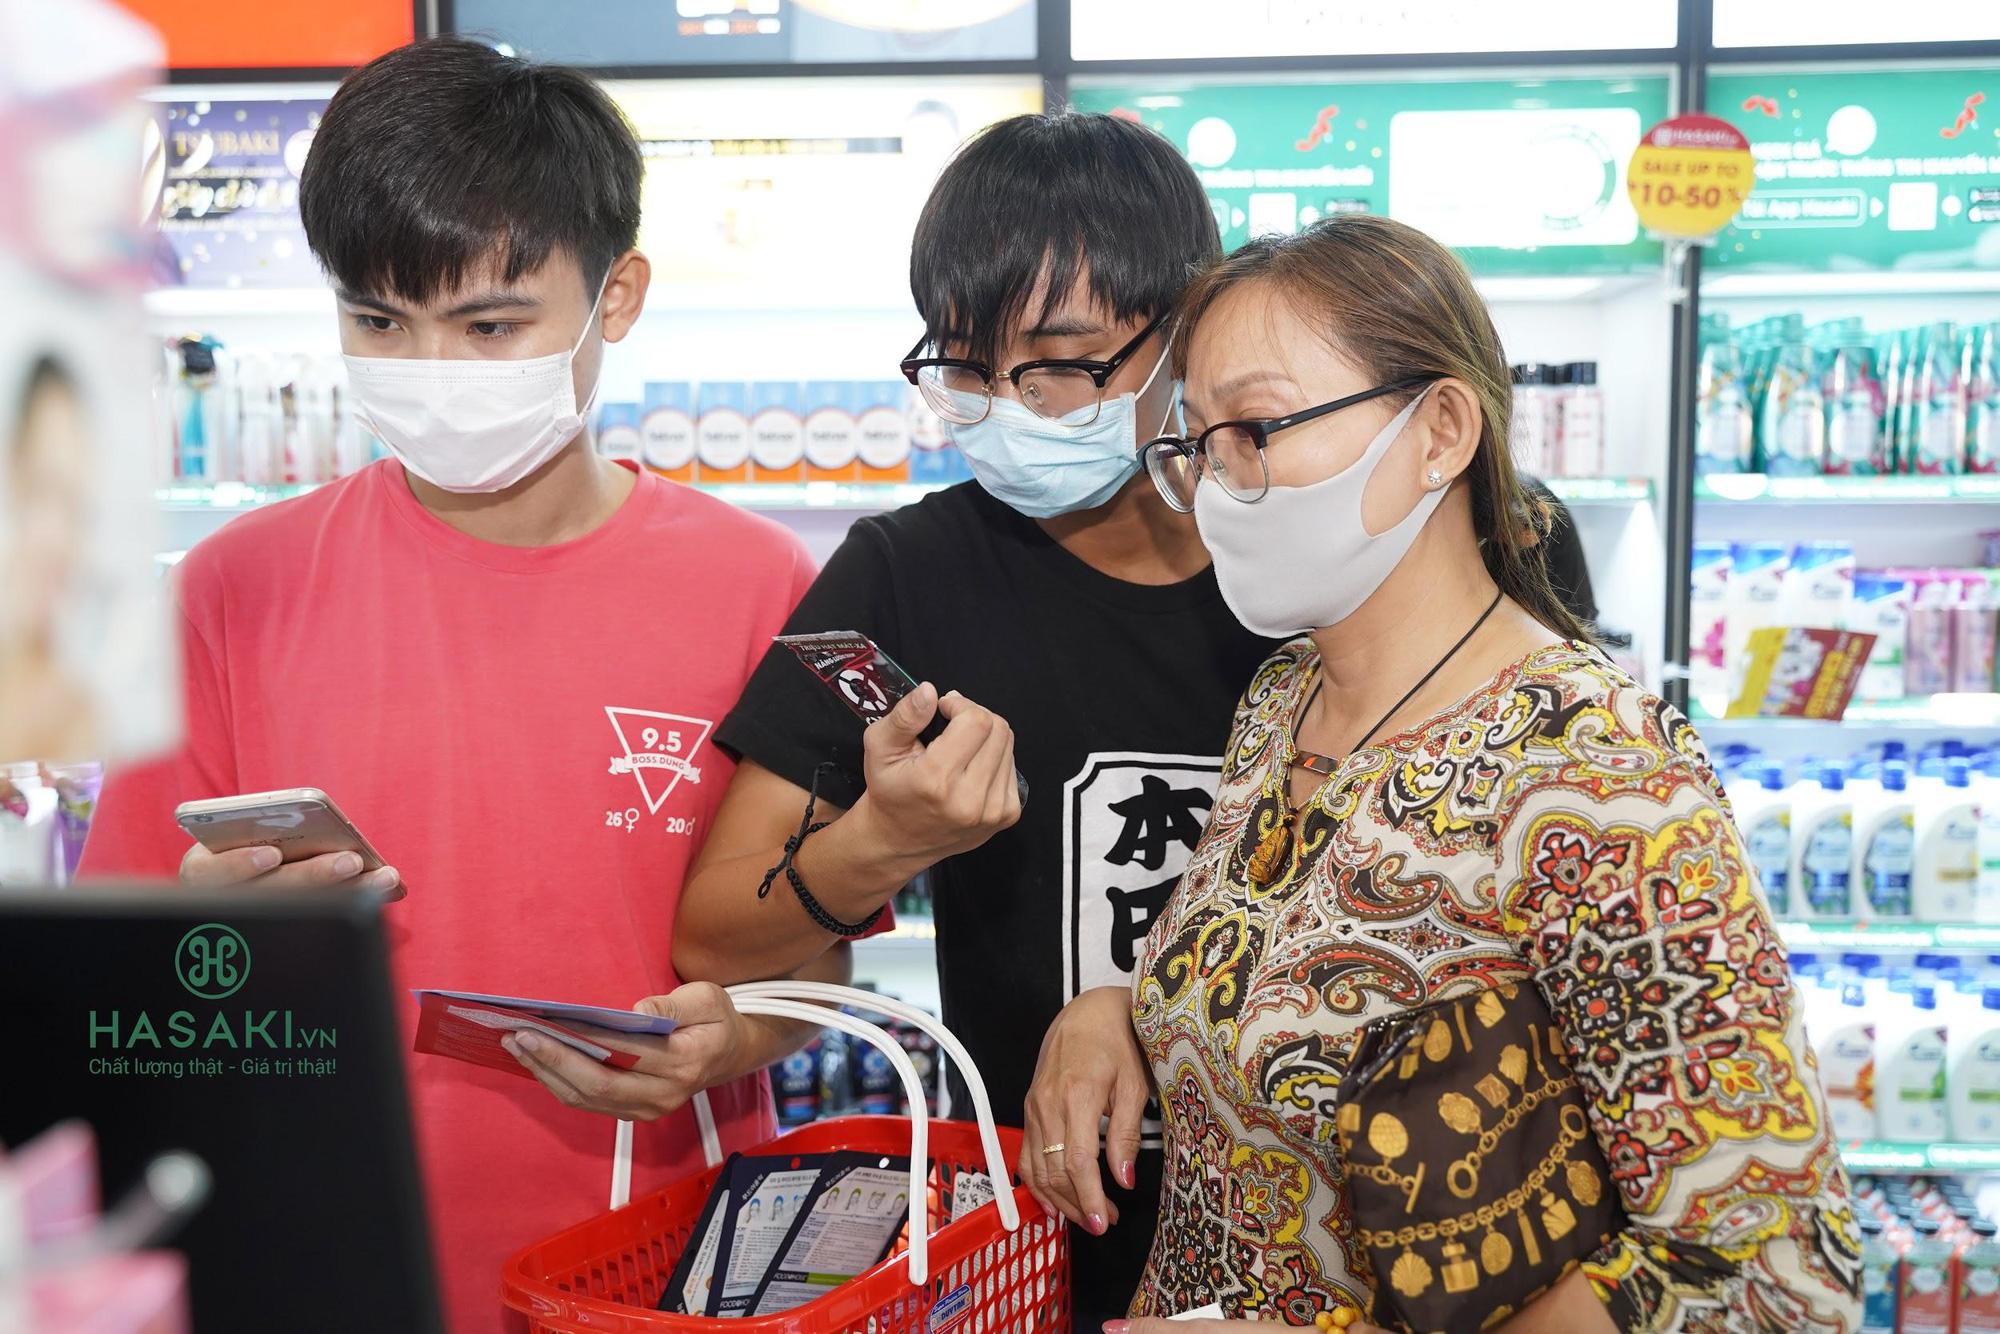 Lần đầu tiên khai trương 3 ngày, Hasaki tặng 3.000 khẩu trang, tung khuyến mãi khủng, chỉ 4.000đ đã mua được đồ chất - Ảnh 7.